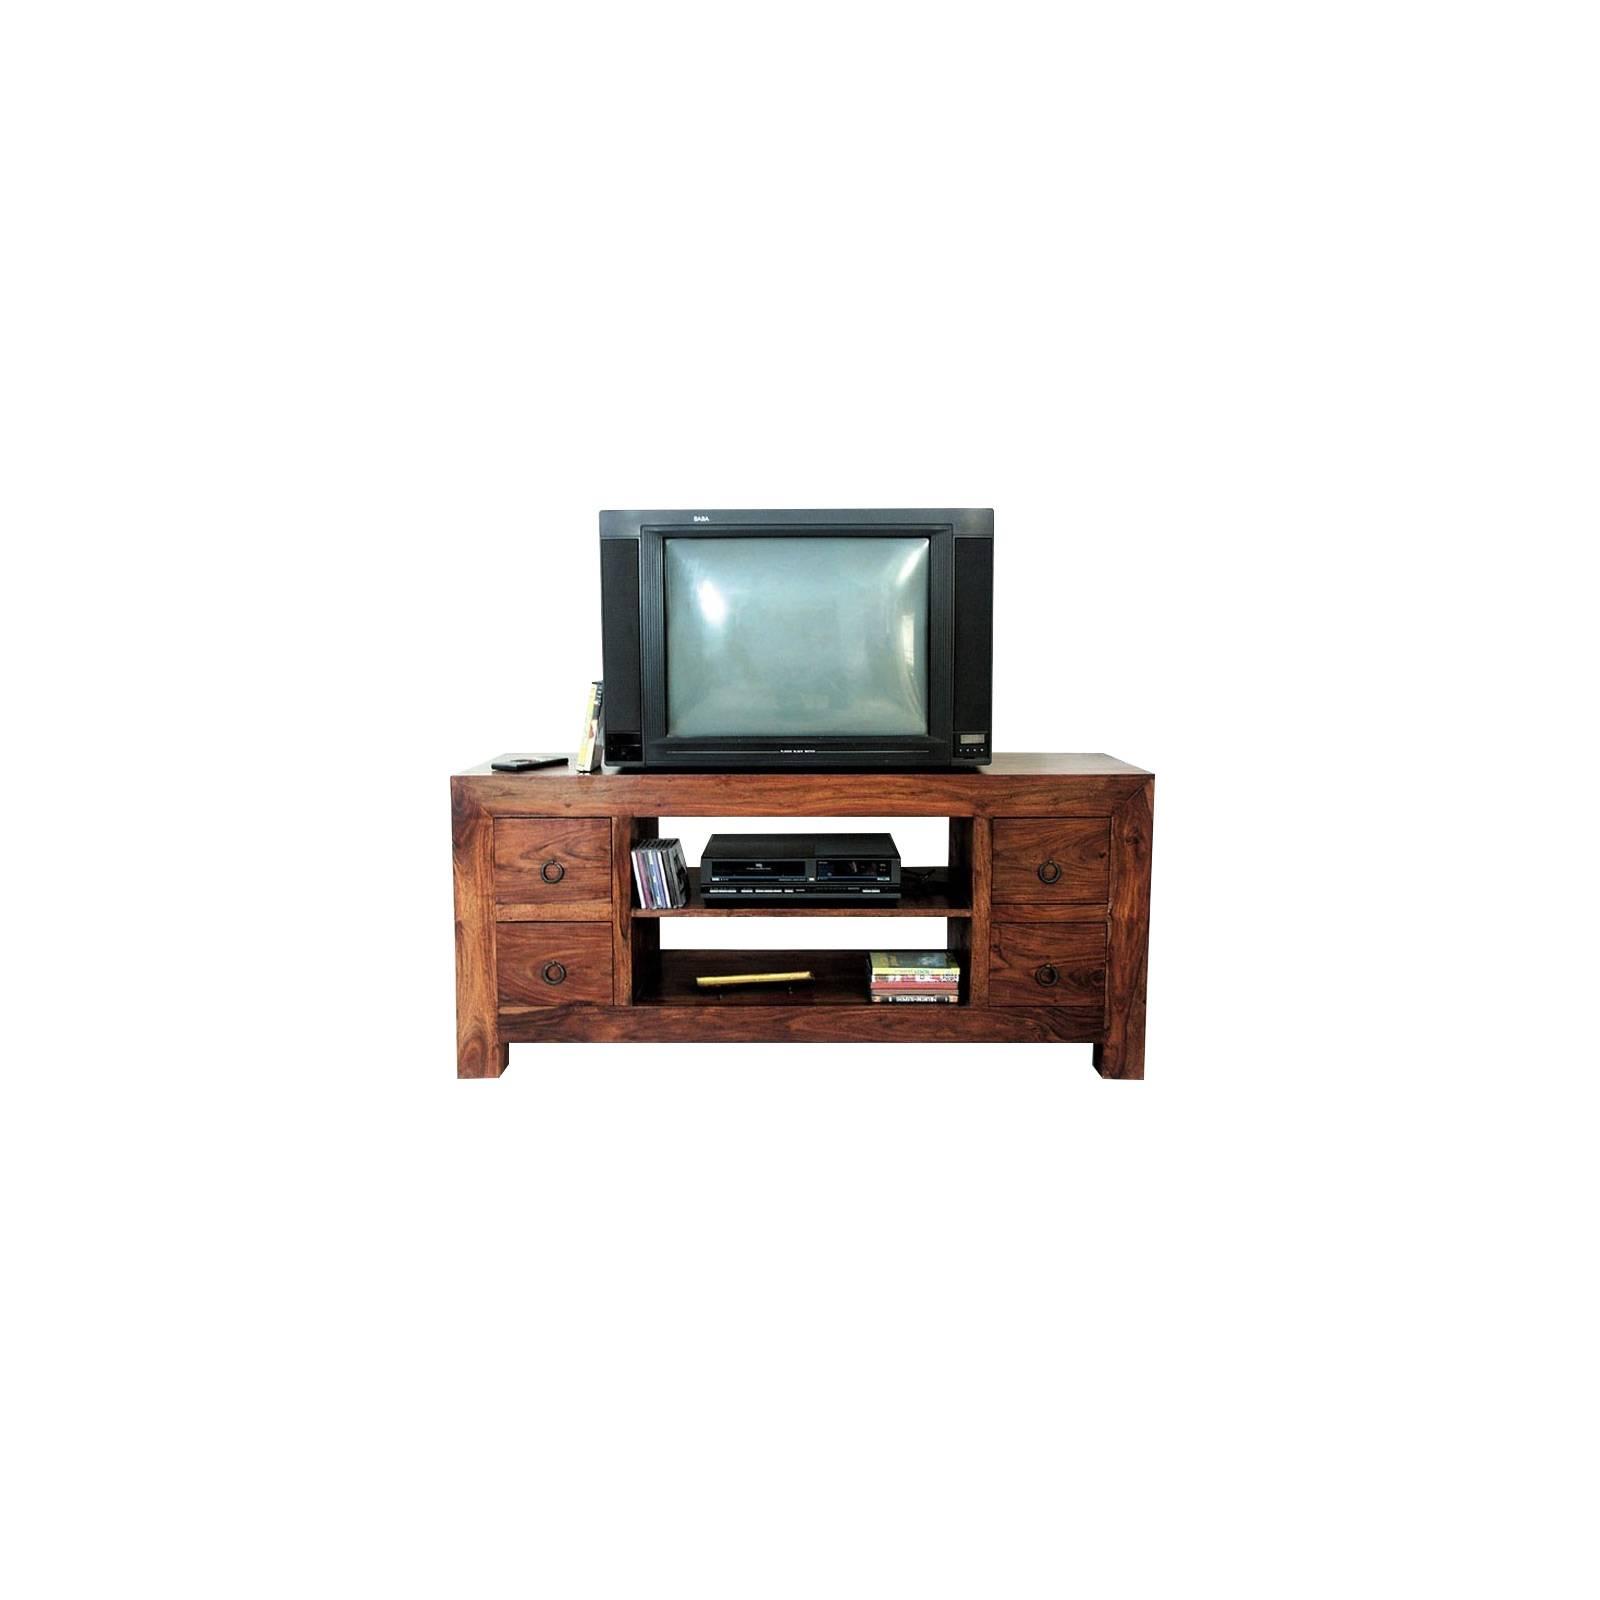 Meuble Tv Tiroirs Zen Palissandre - meubles bois exotique